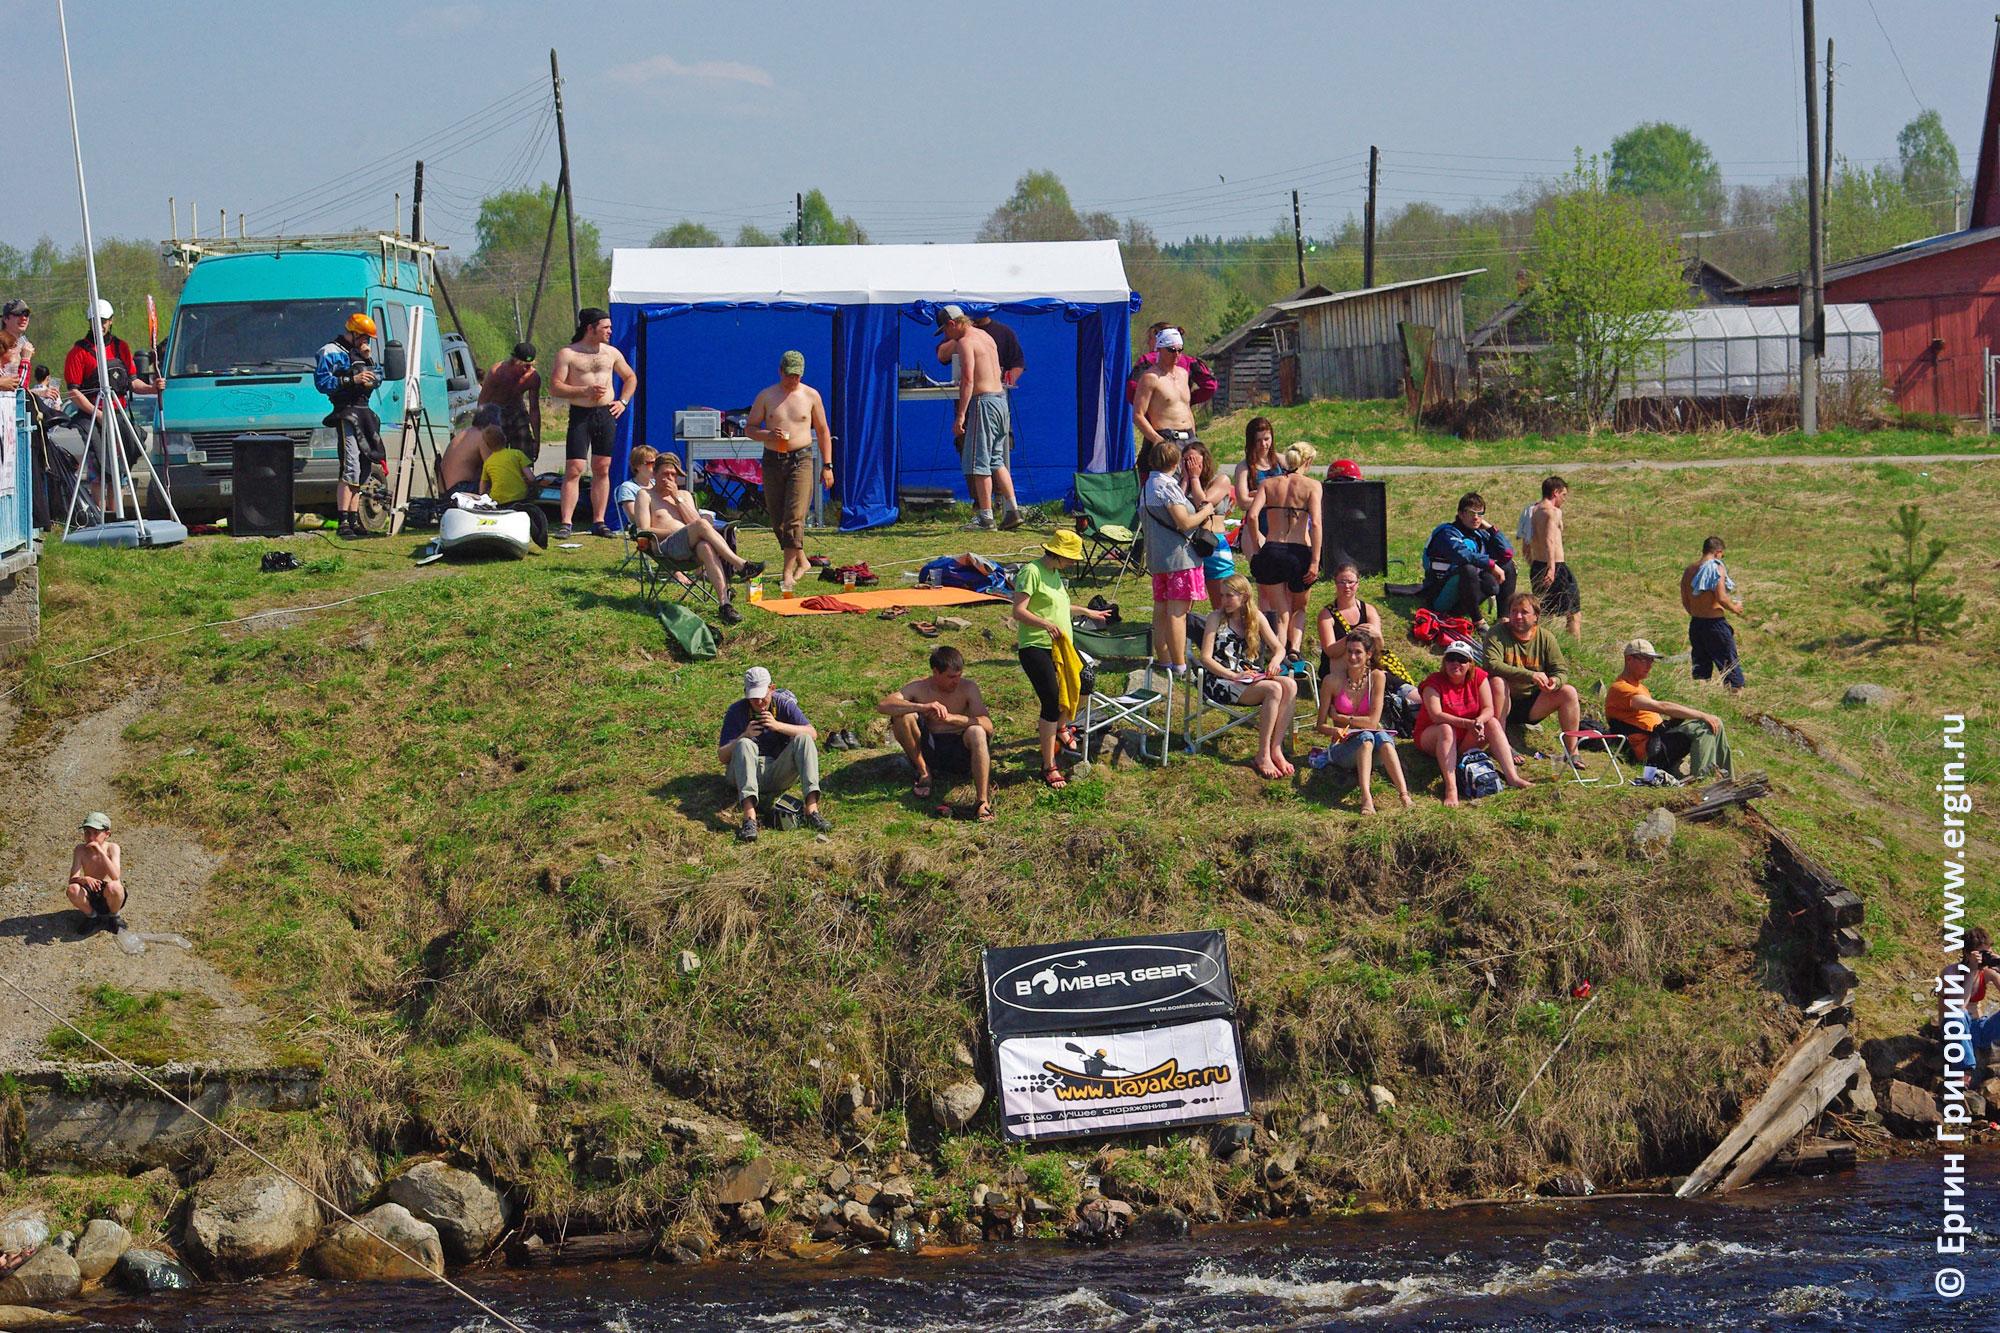 Соревнования по фристайлу на бурной воде в Тивдии 2010, вид на левый берег с судьями